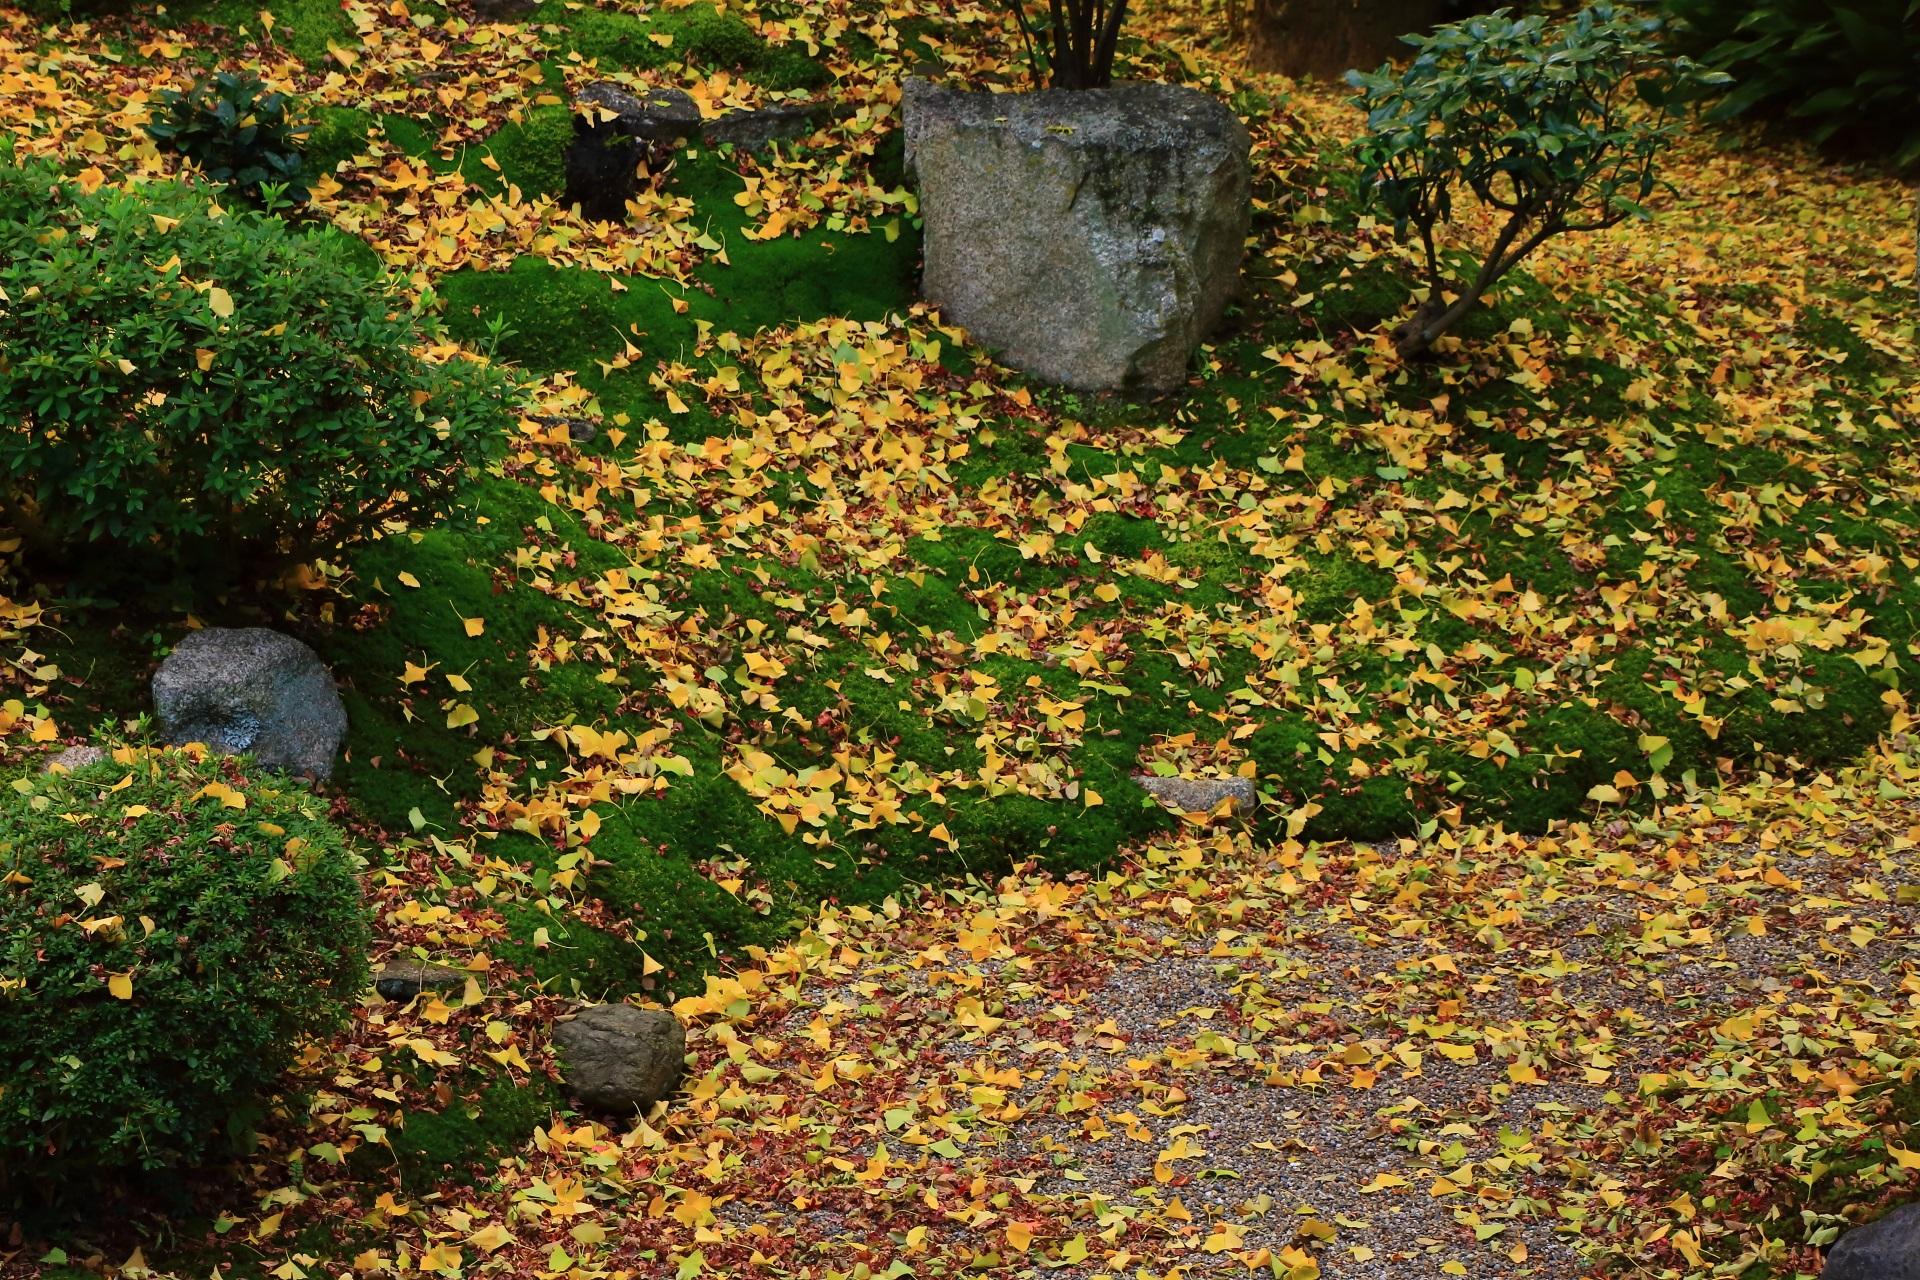 立本寺の美しい緑の苔を染める華やかな黄色い「散り」